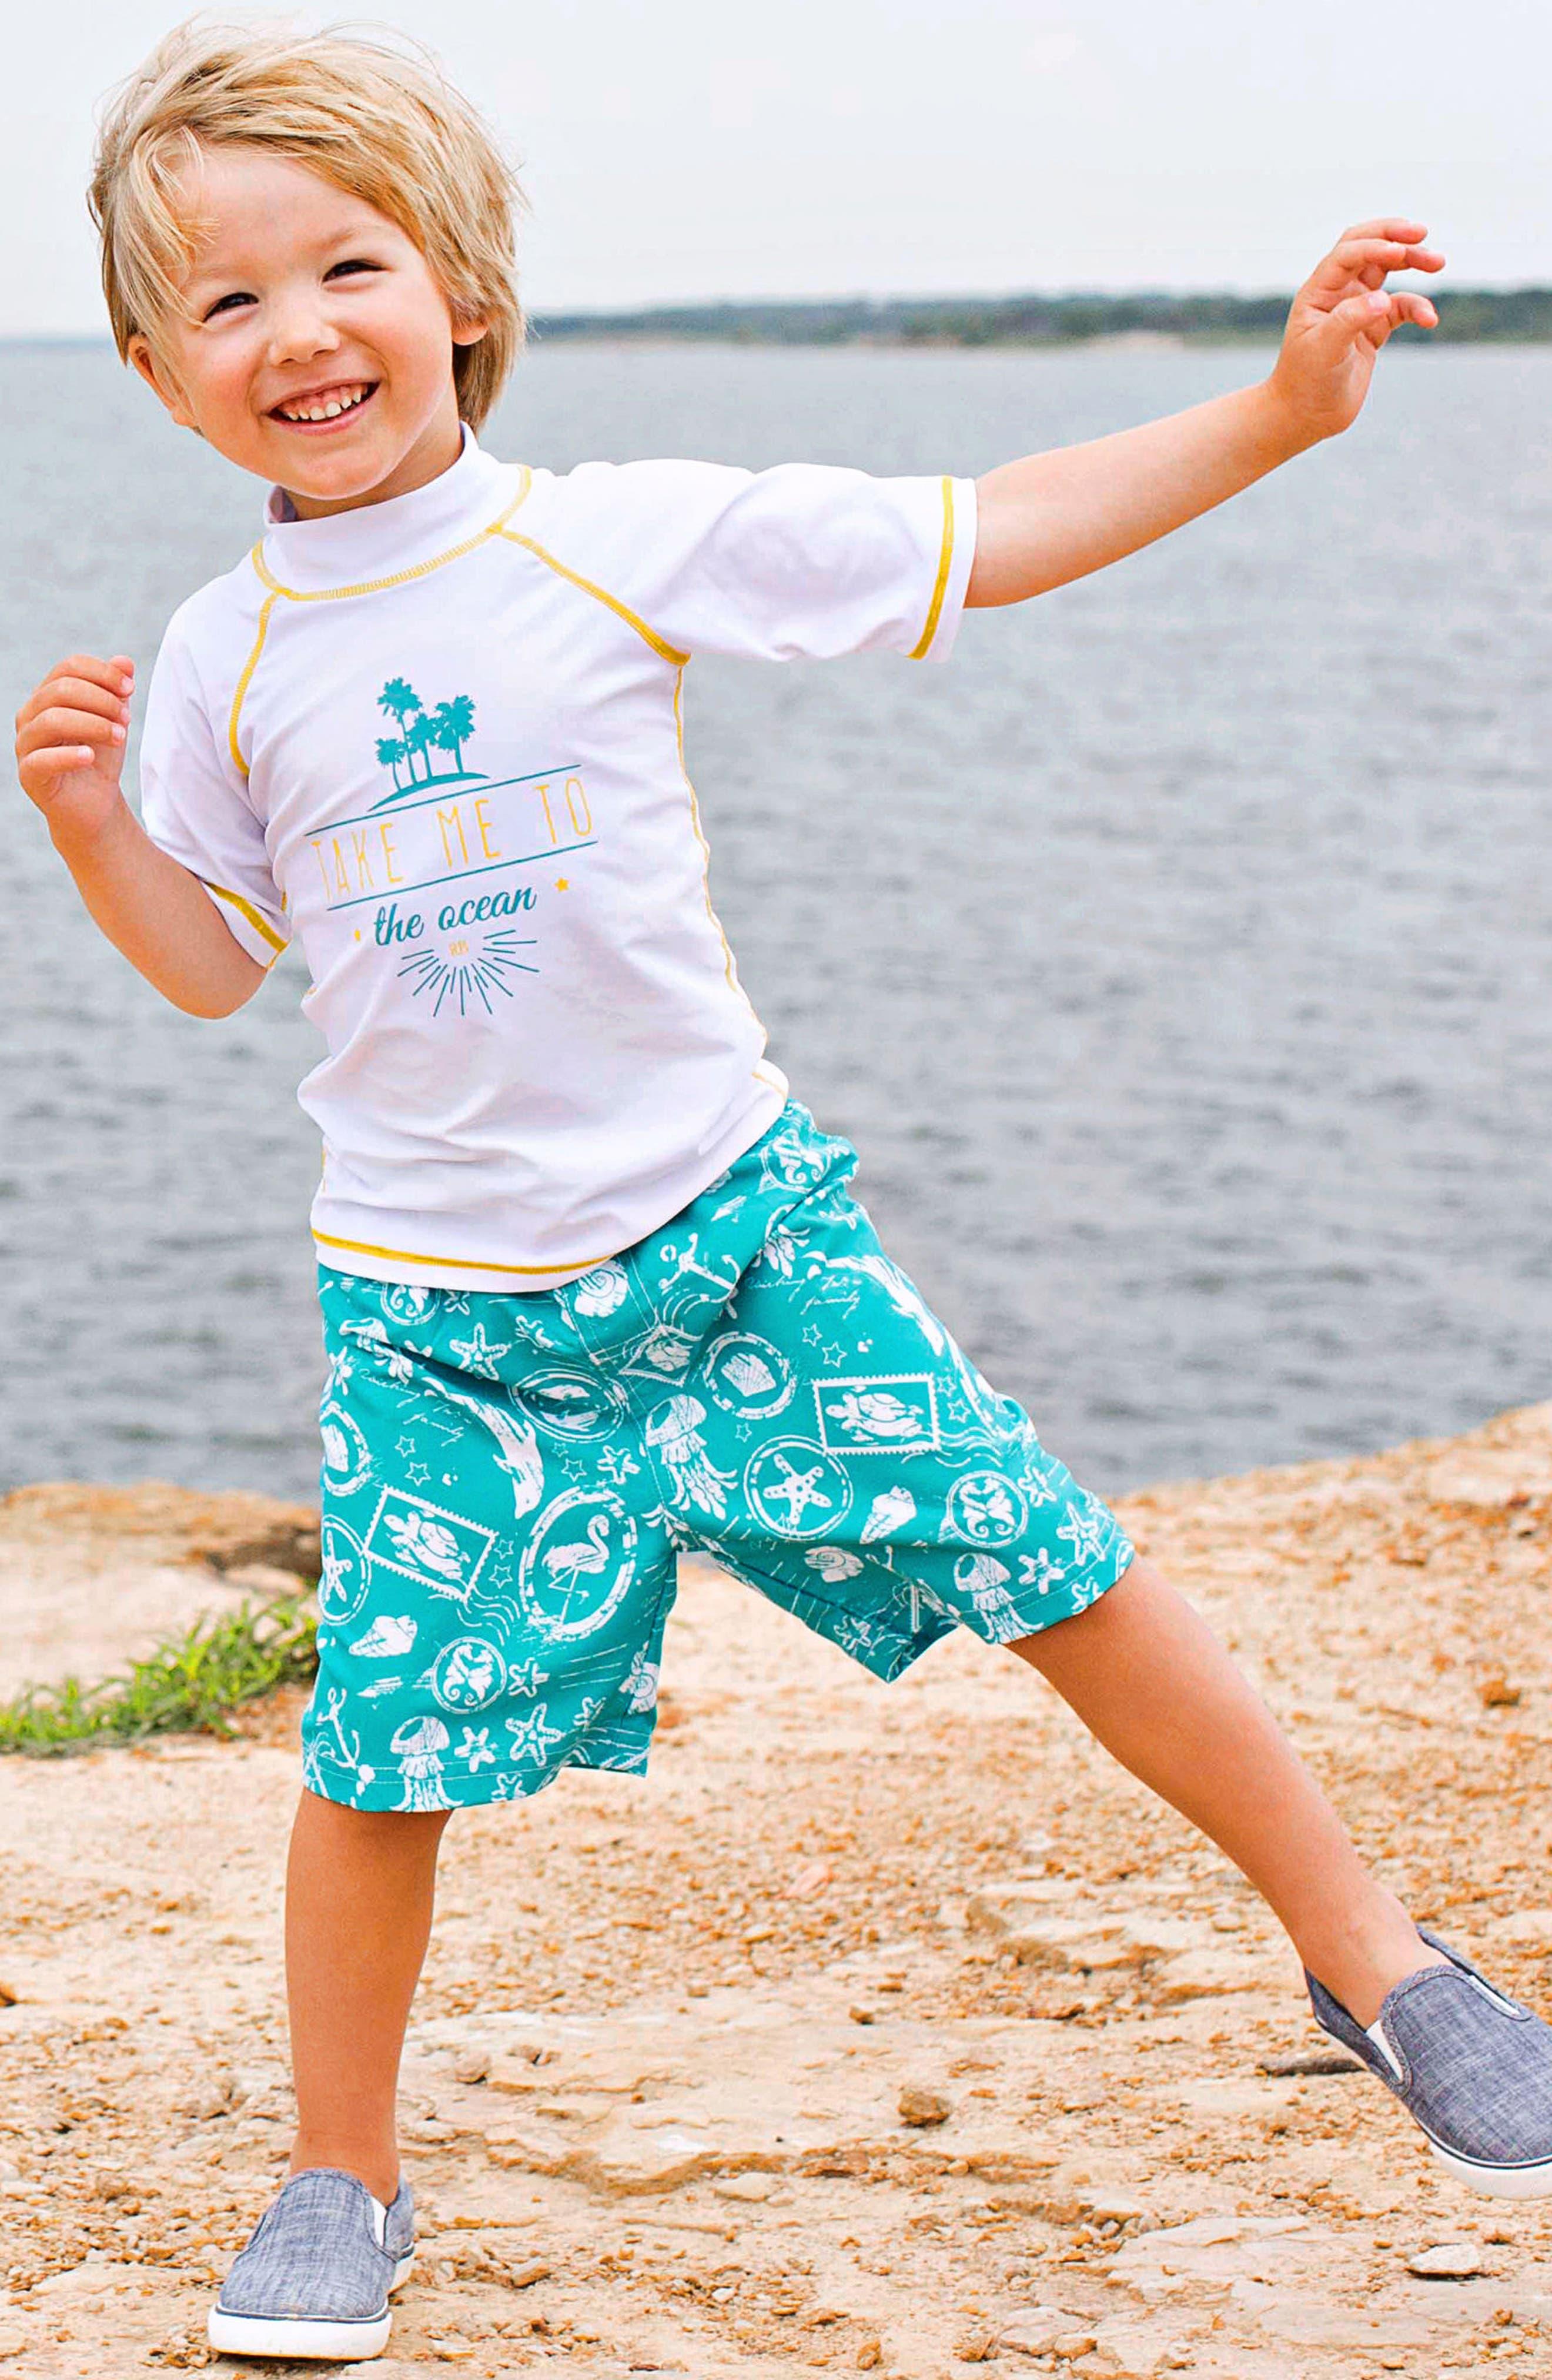 Take Me to the Ocean Rashguard & Board Shorts Set,                             Alternate thumbnail 2, color,                             BLUE